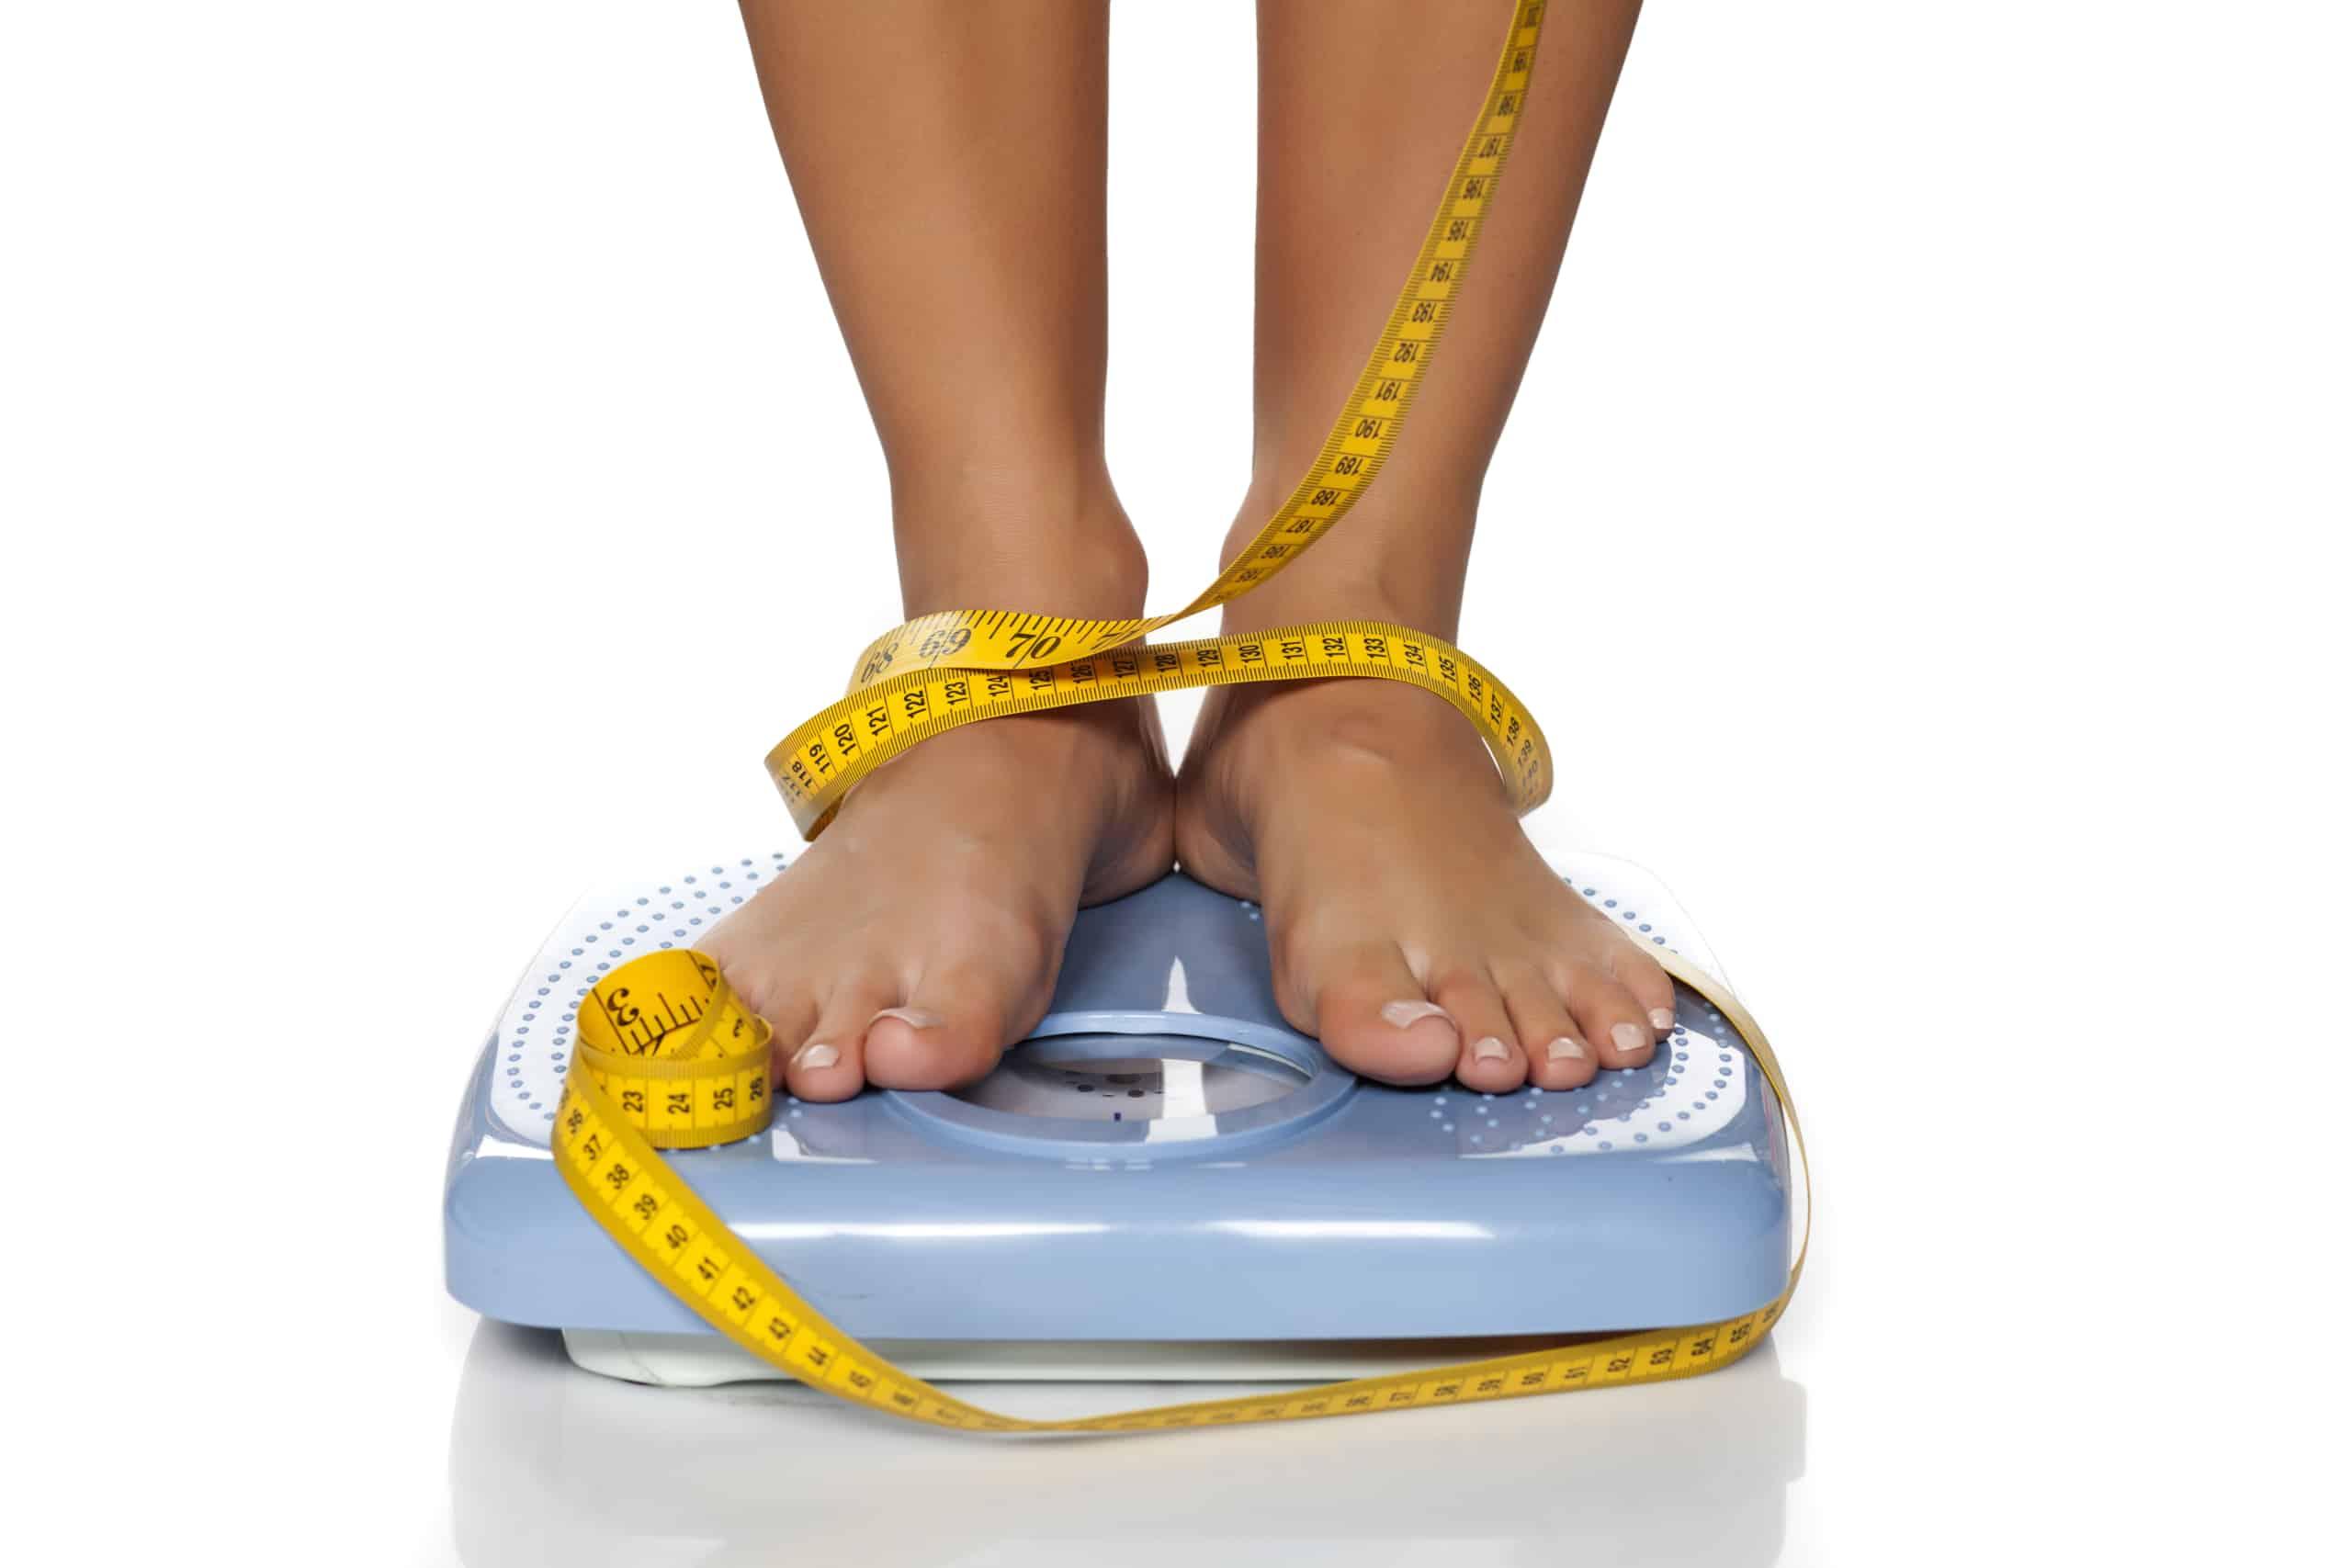 Overweight Diabetec